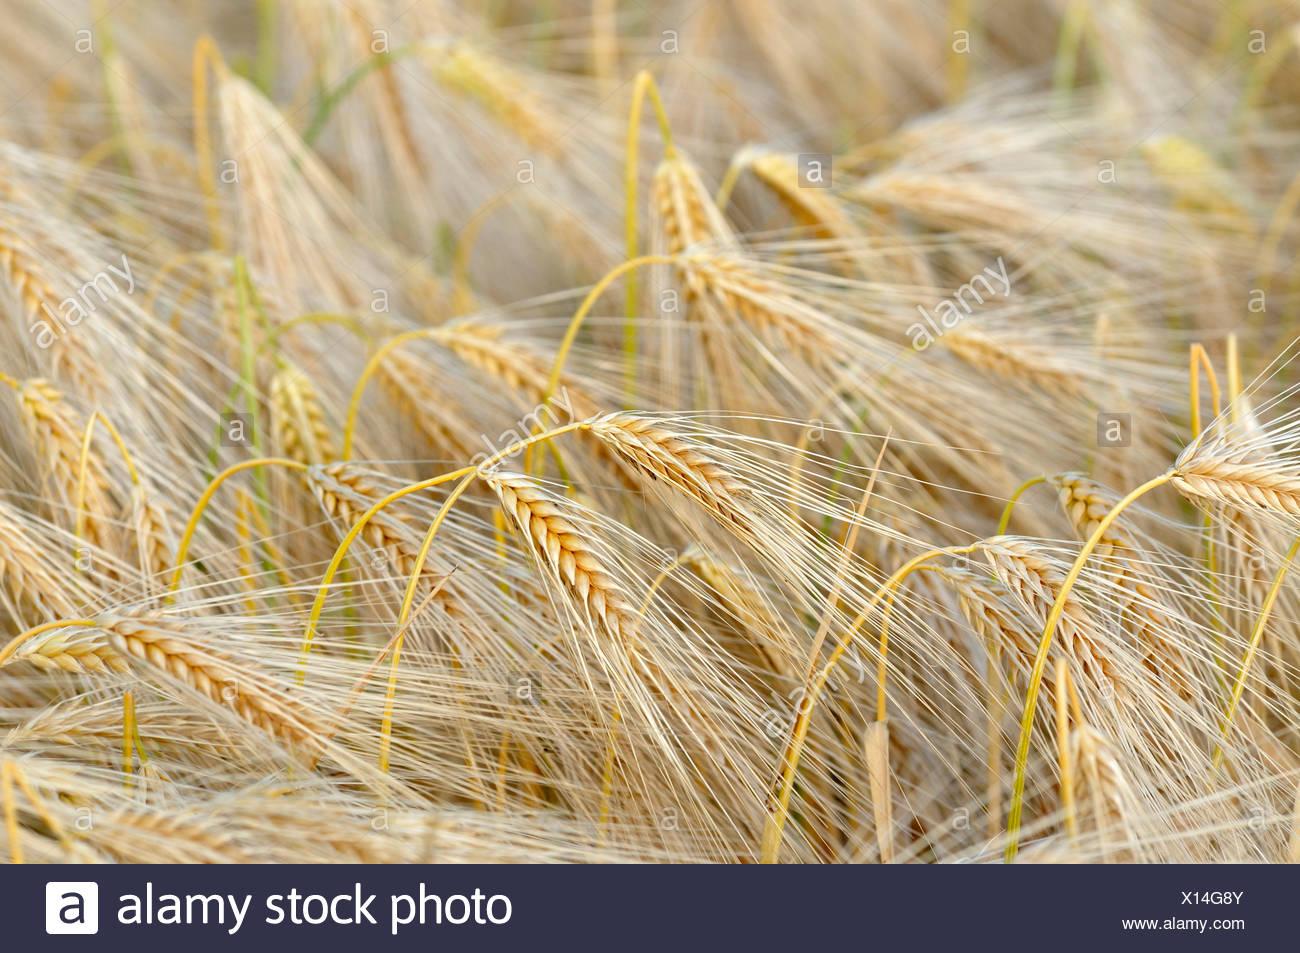 barley (Hordeum vulgare), barley field, Germany - Stock Image